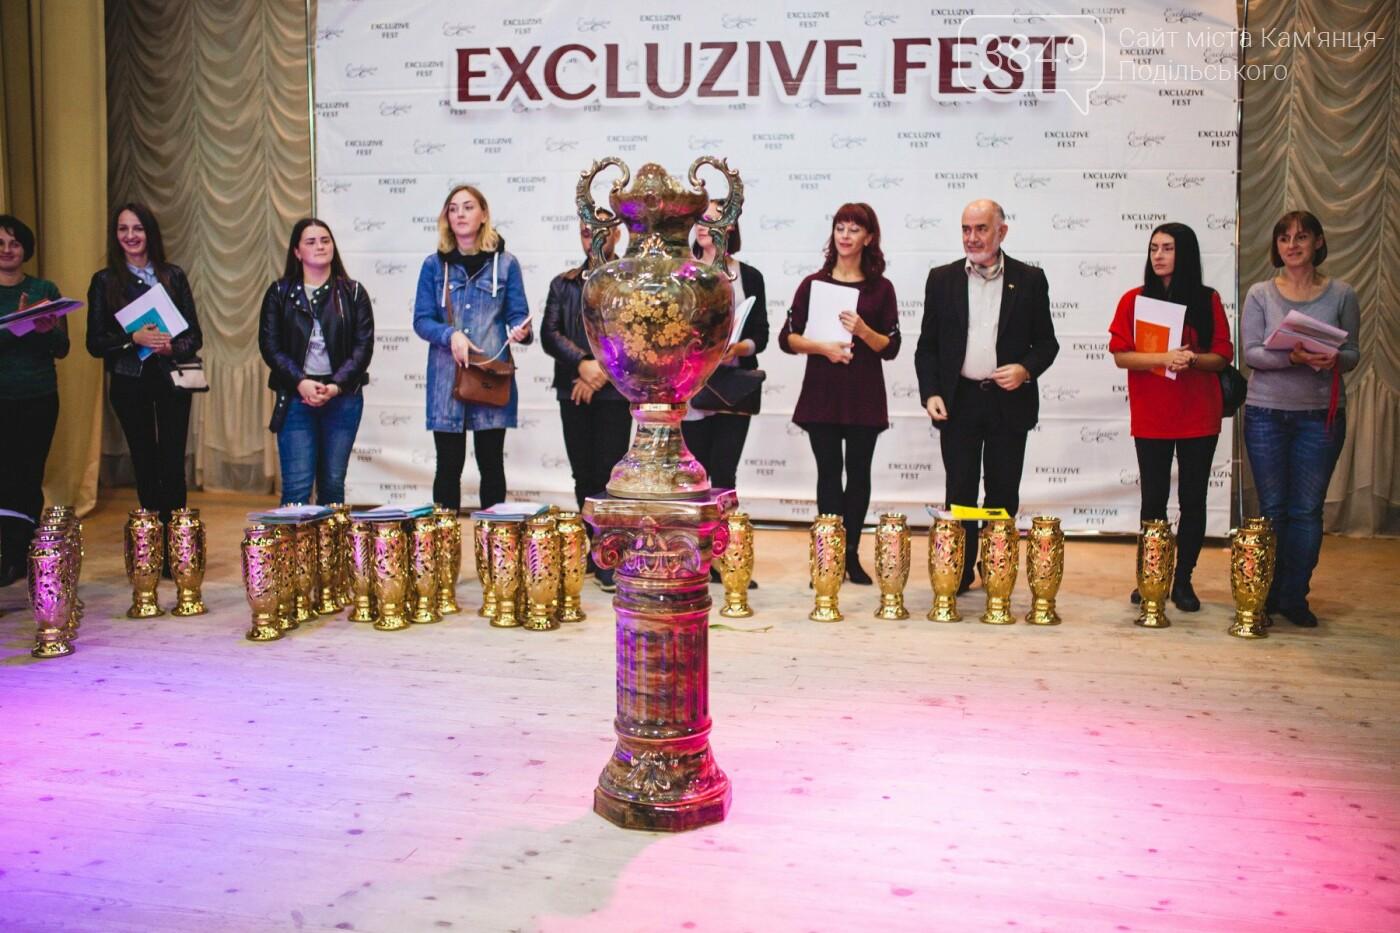 Юні кам'янецькі танцюристи завоювали чотири I місця та Гран-прі найбільшого фестивалю Західної України, фото-14